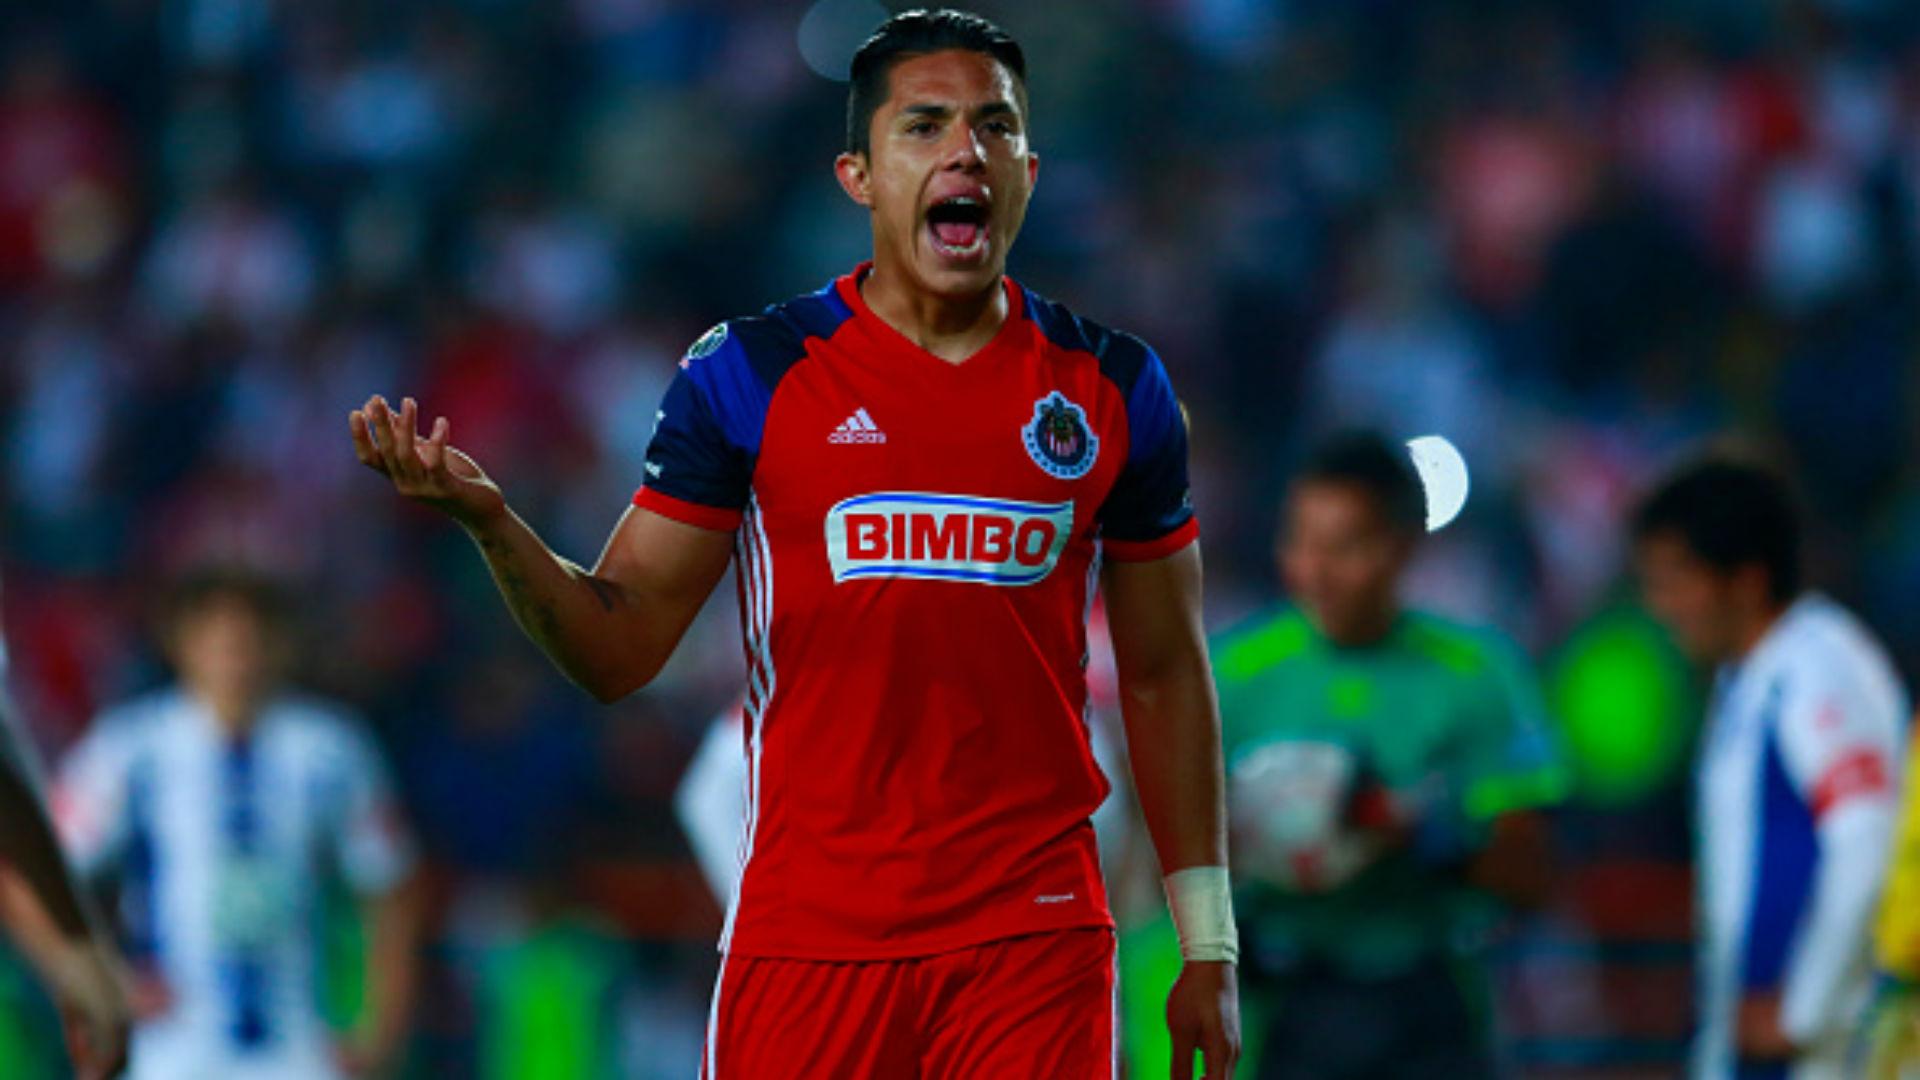 Fiorentina, ufficiale: per la difesa arriva anche il messicano Salcedo